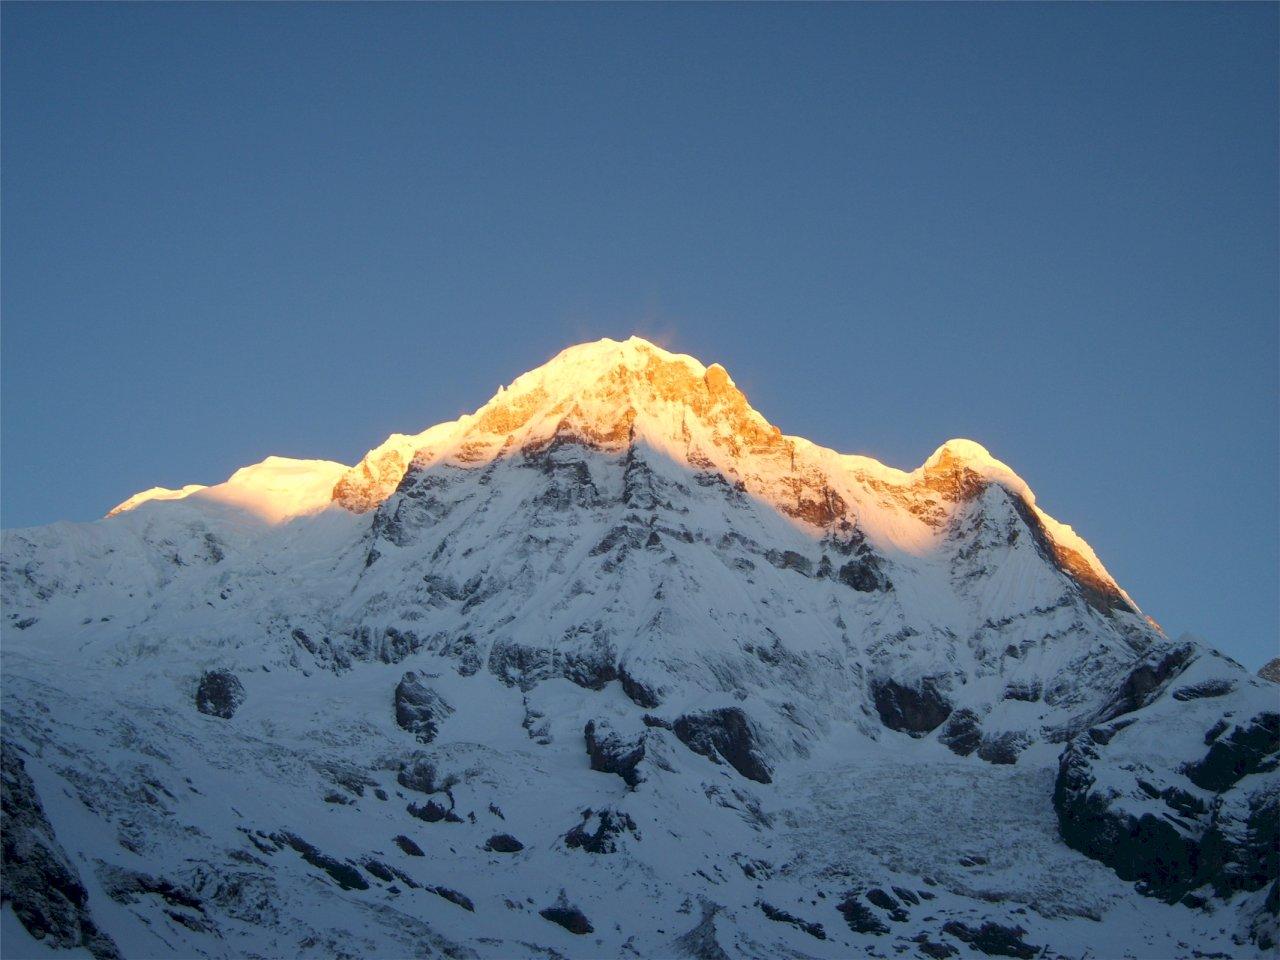 喜馬拉雅山雪崩 3名台灣登山客狀況不明